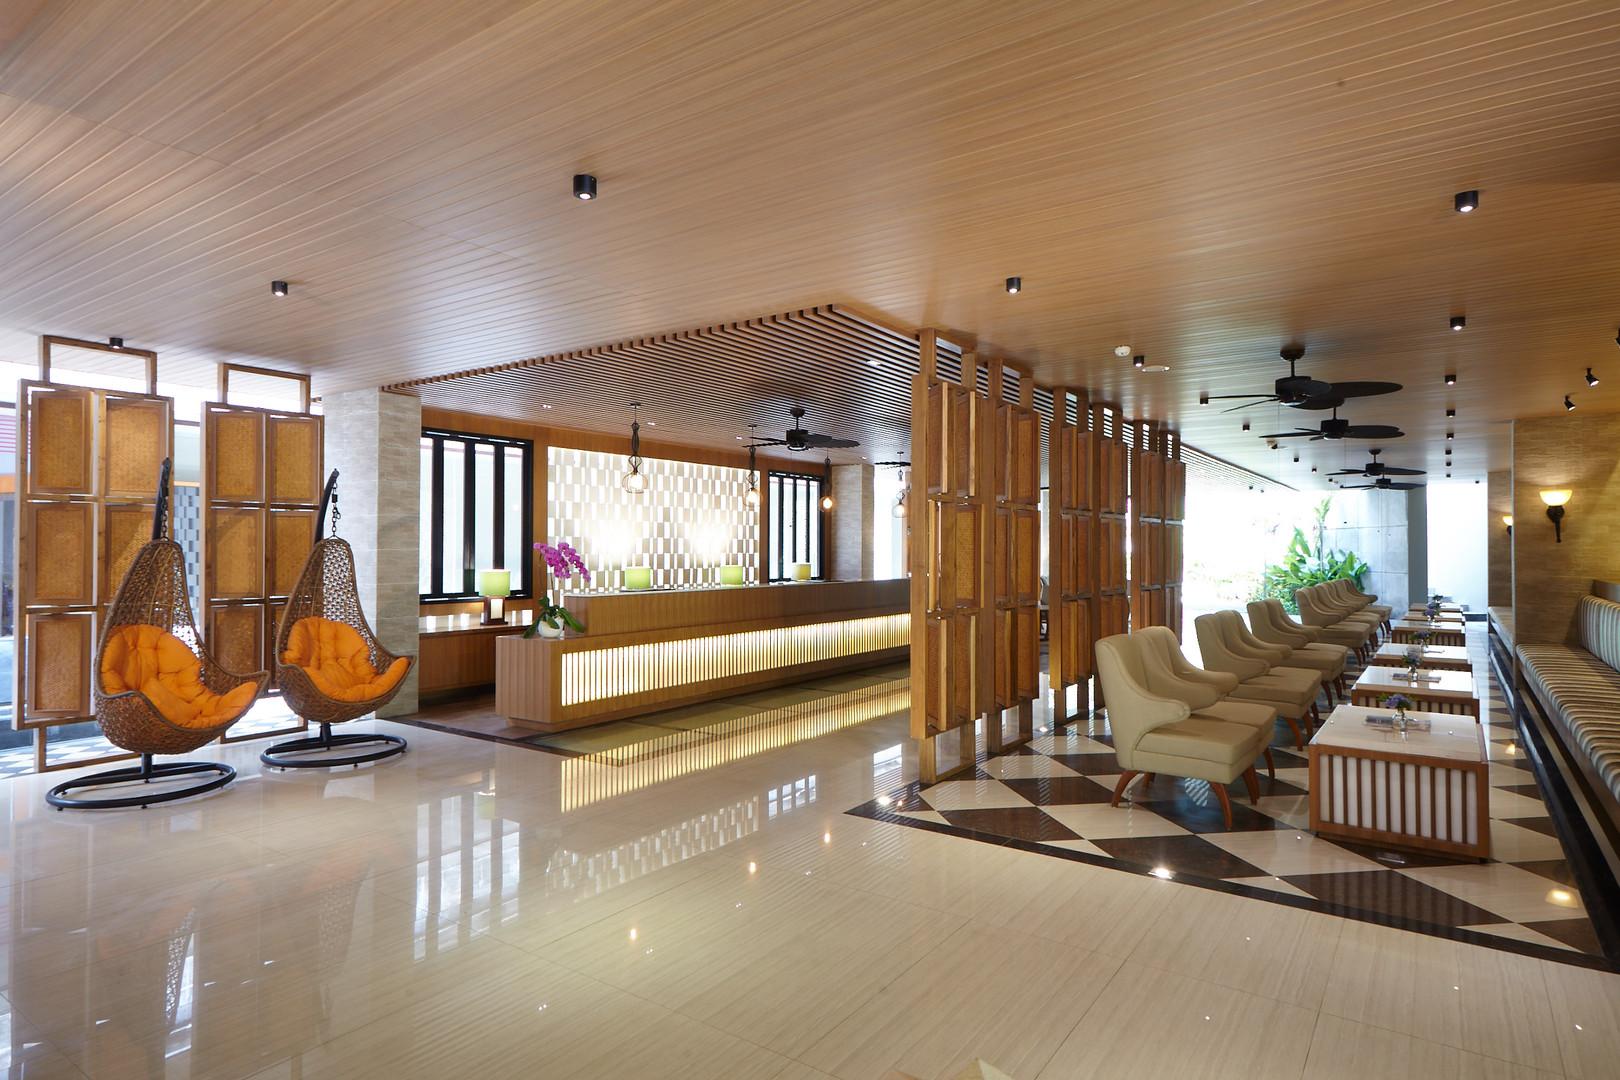 1. Hotel Lobby Wyndham Dreamland Resort